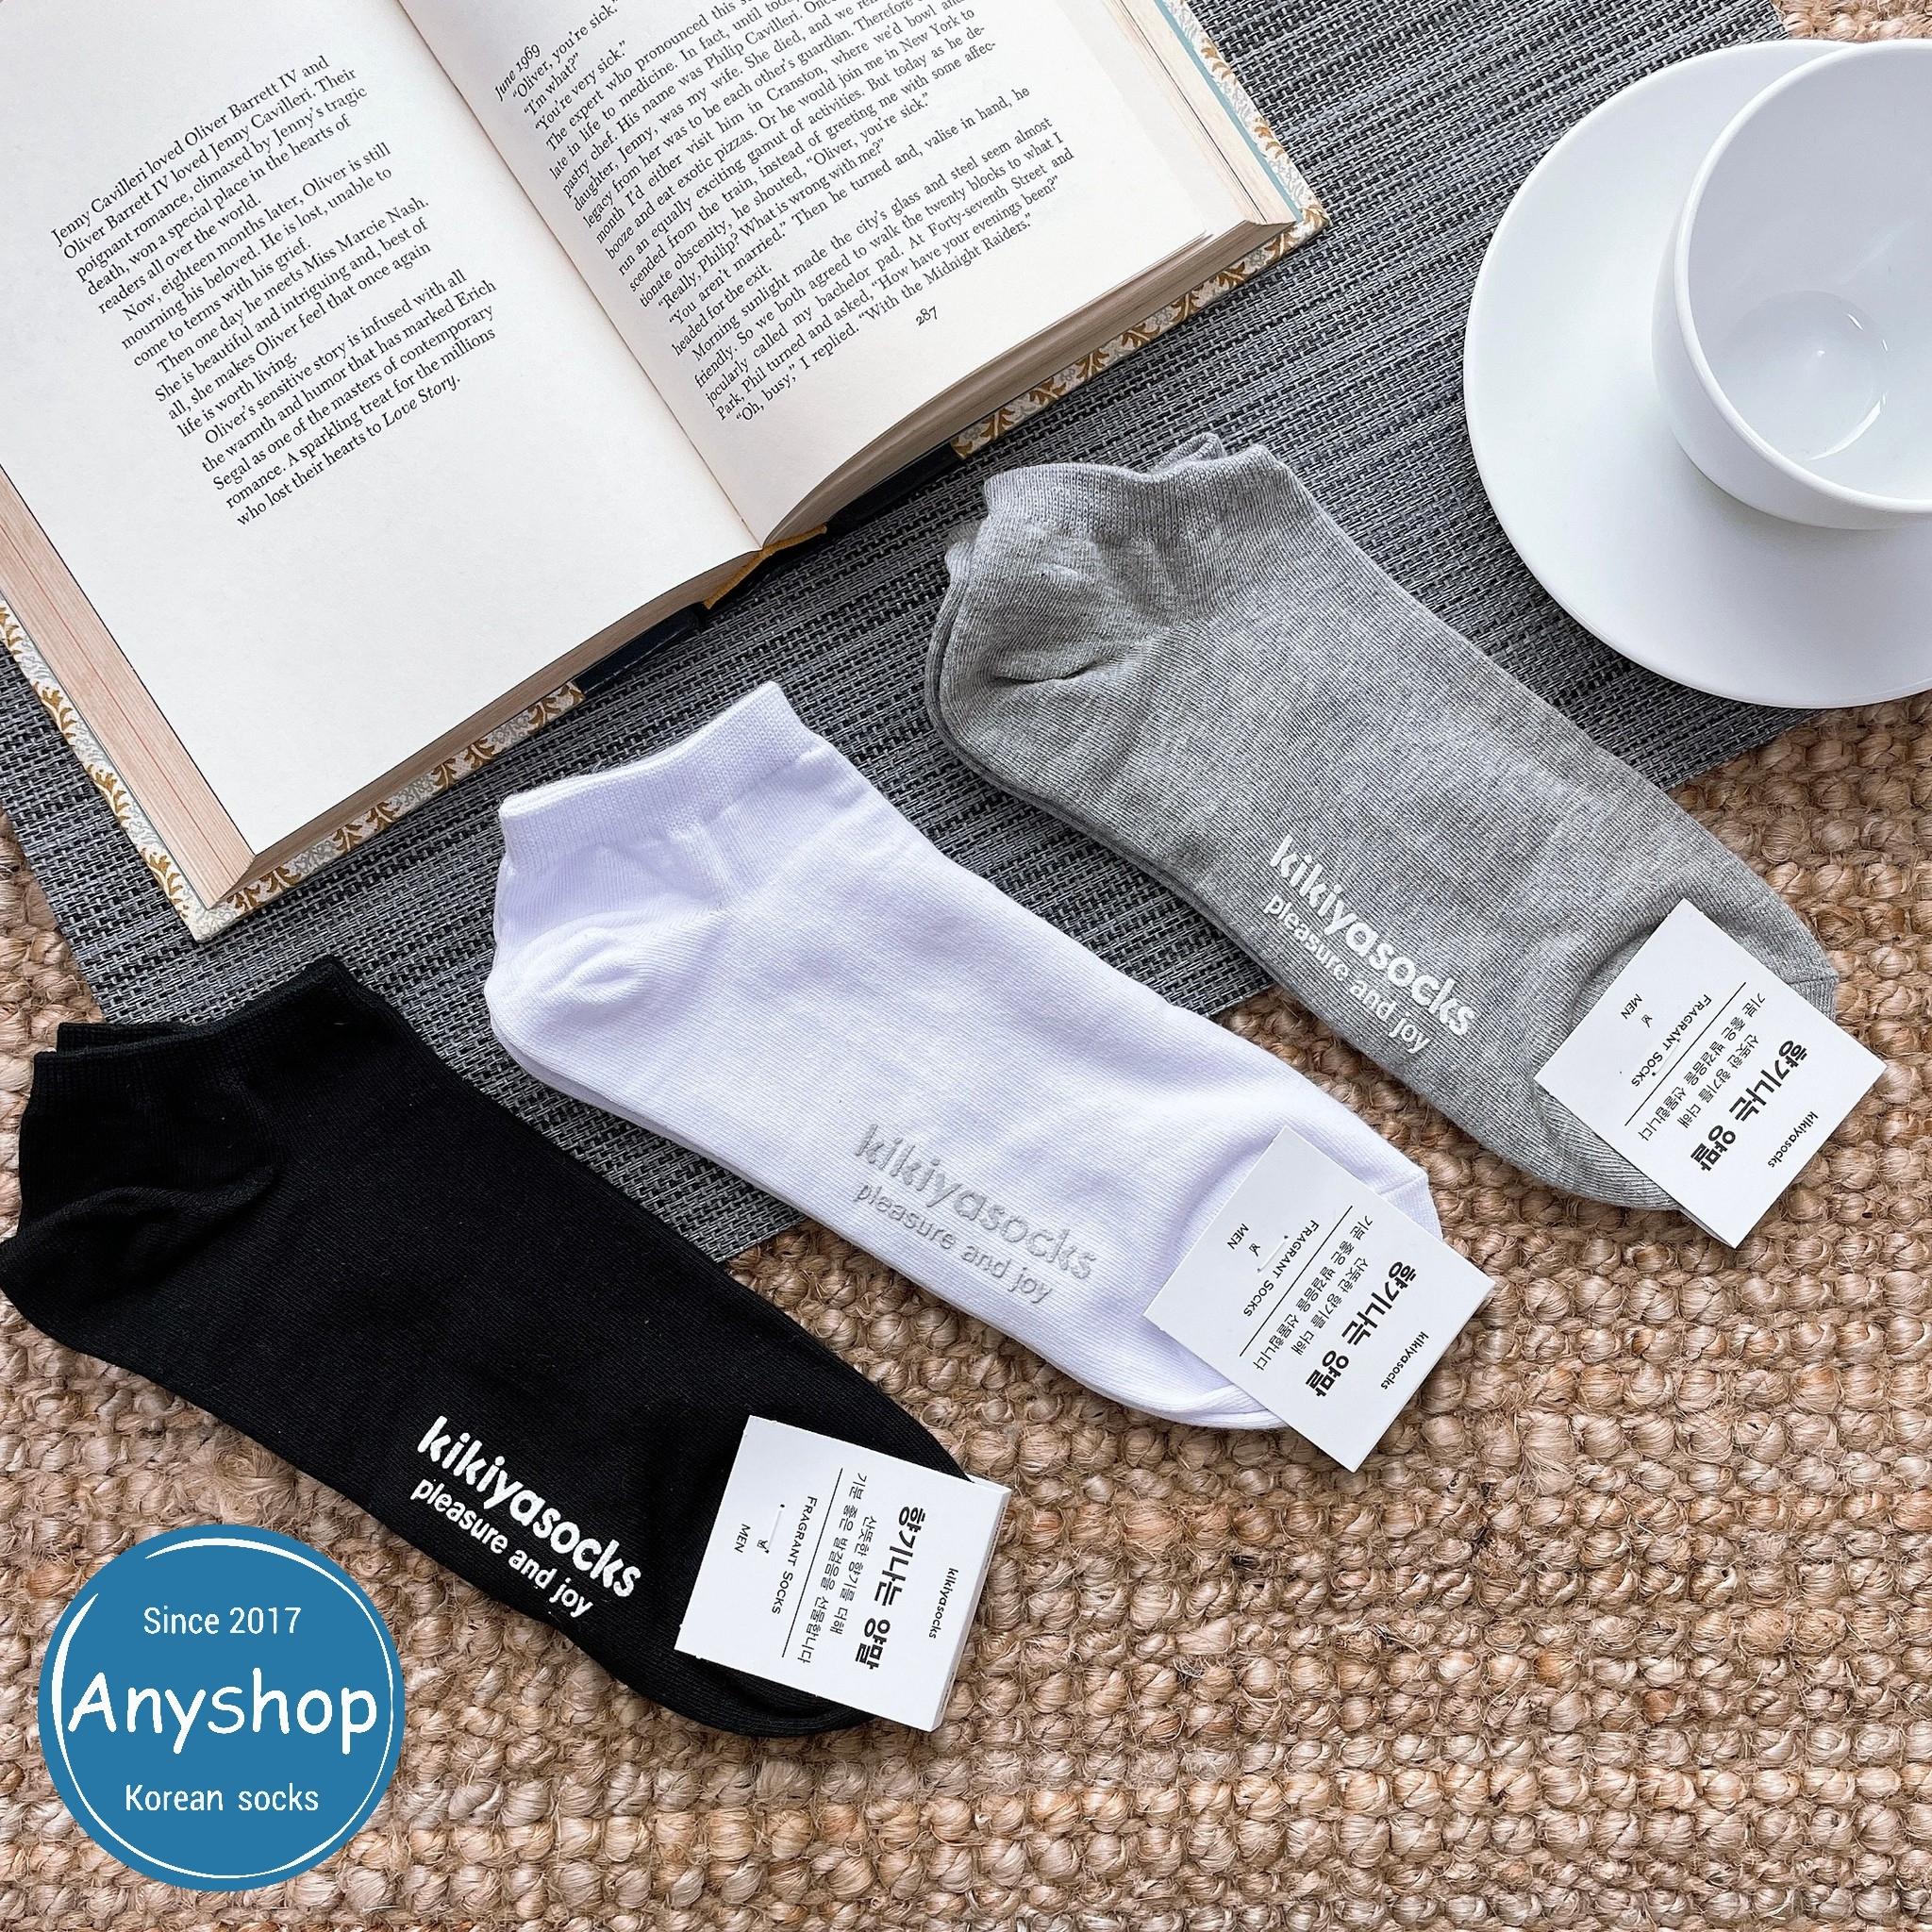 韓國襪-[Anyshop]KIKIYA男士系列香味短襪